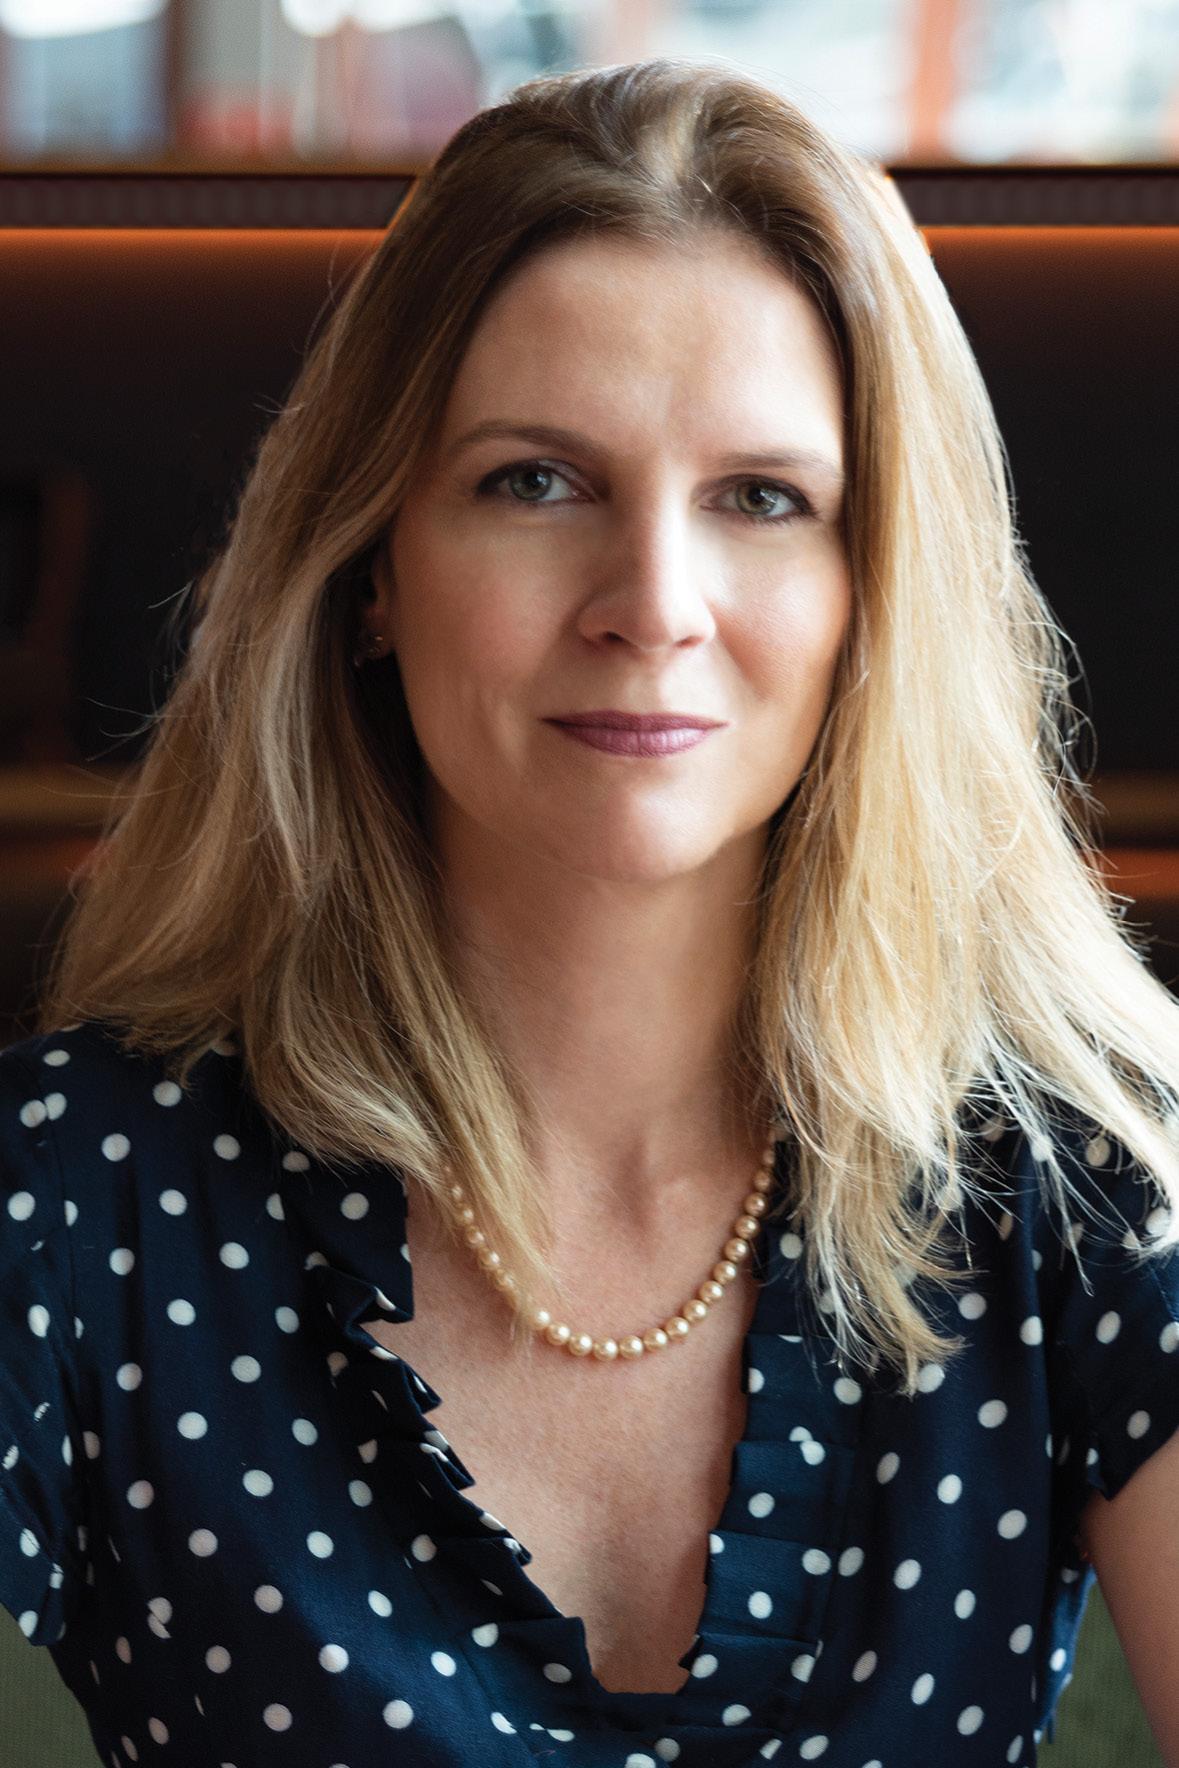 Mulher loira com blusa azul marinho de bolinhas brancas e colar de pérolas posa para foto, olhando para câmera